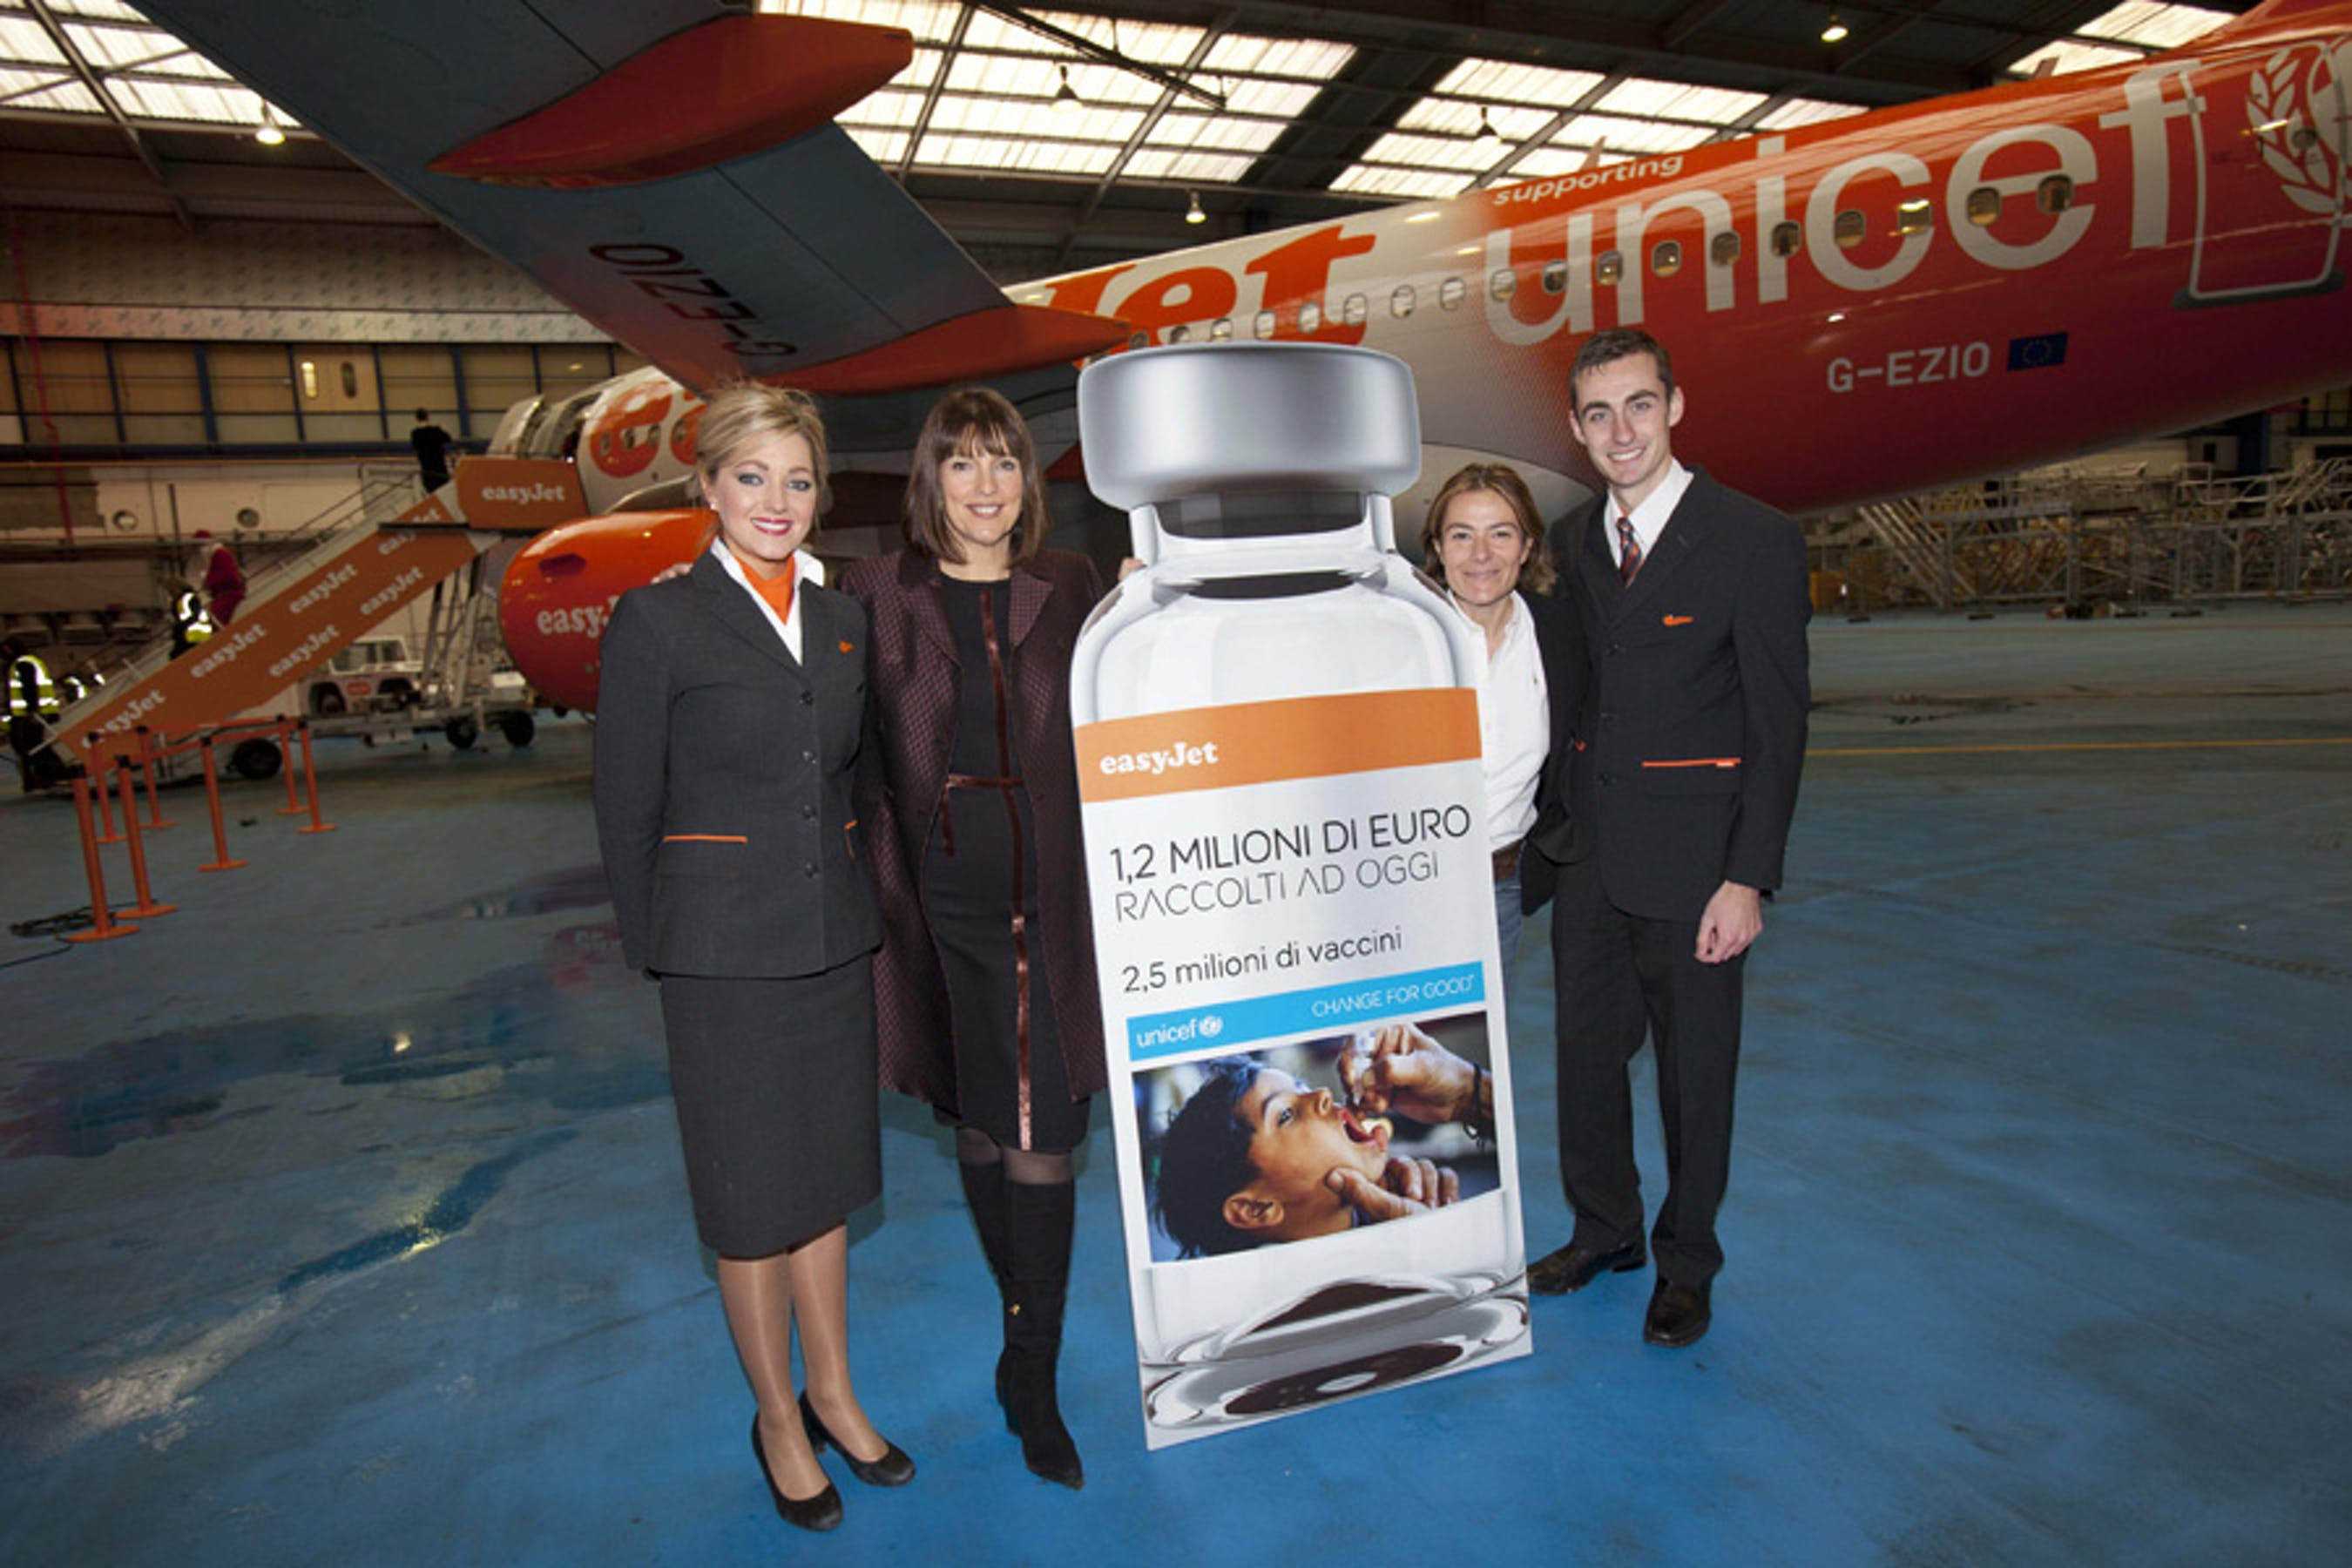 Aeromobile easyJet realizzato per celebrare i risultati della campagna 'Change for Good' per l'UNICEF